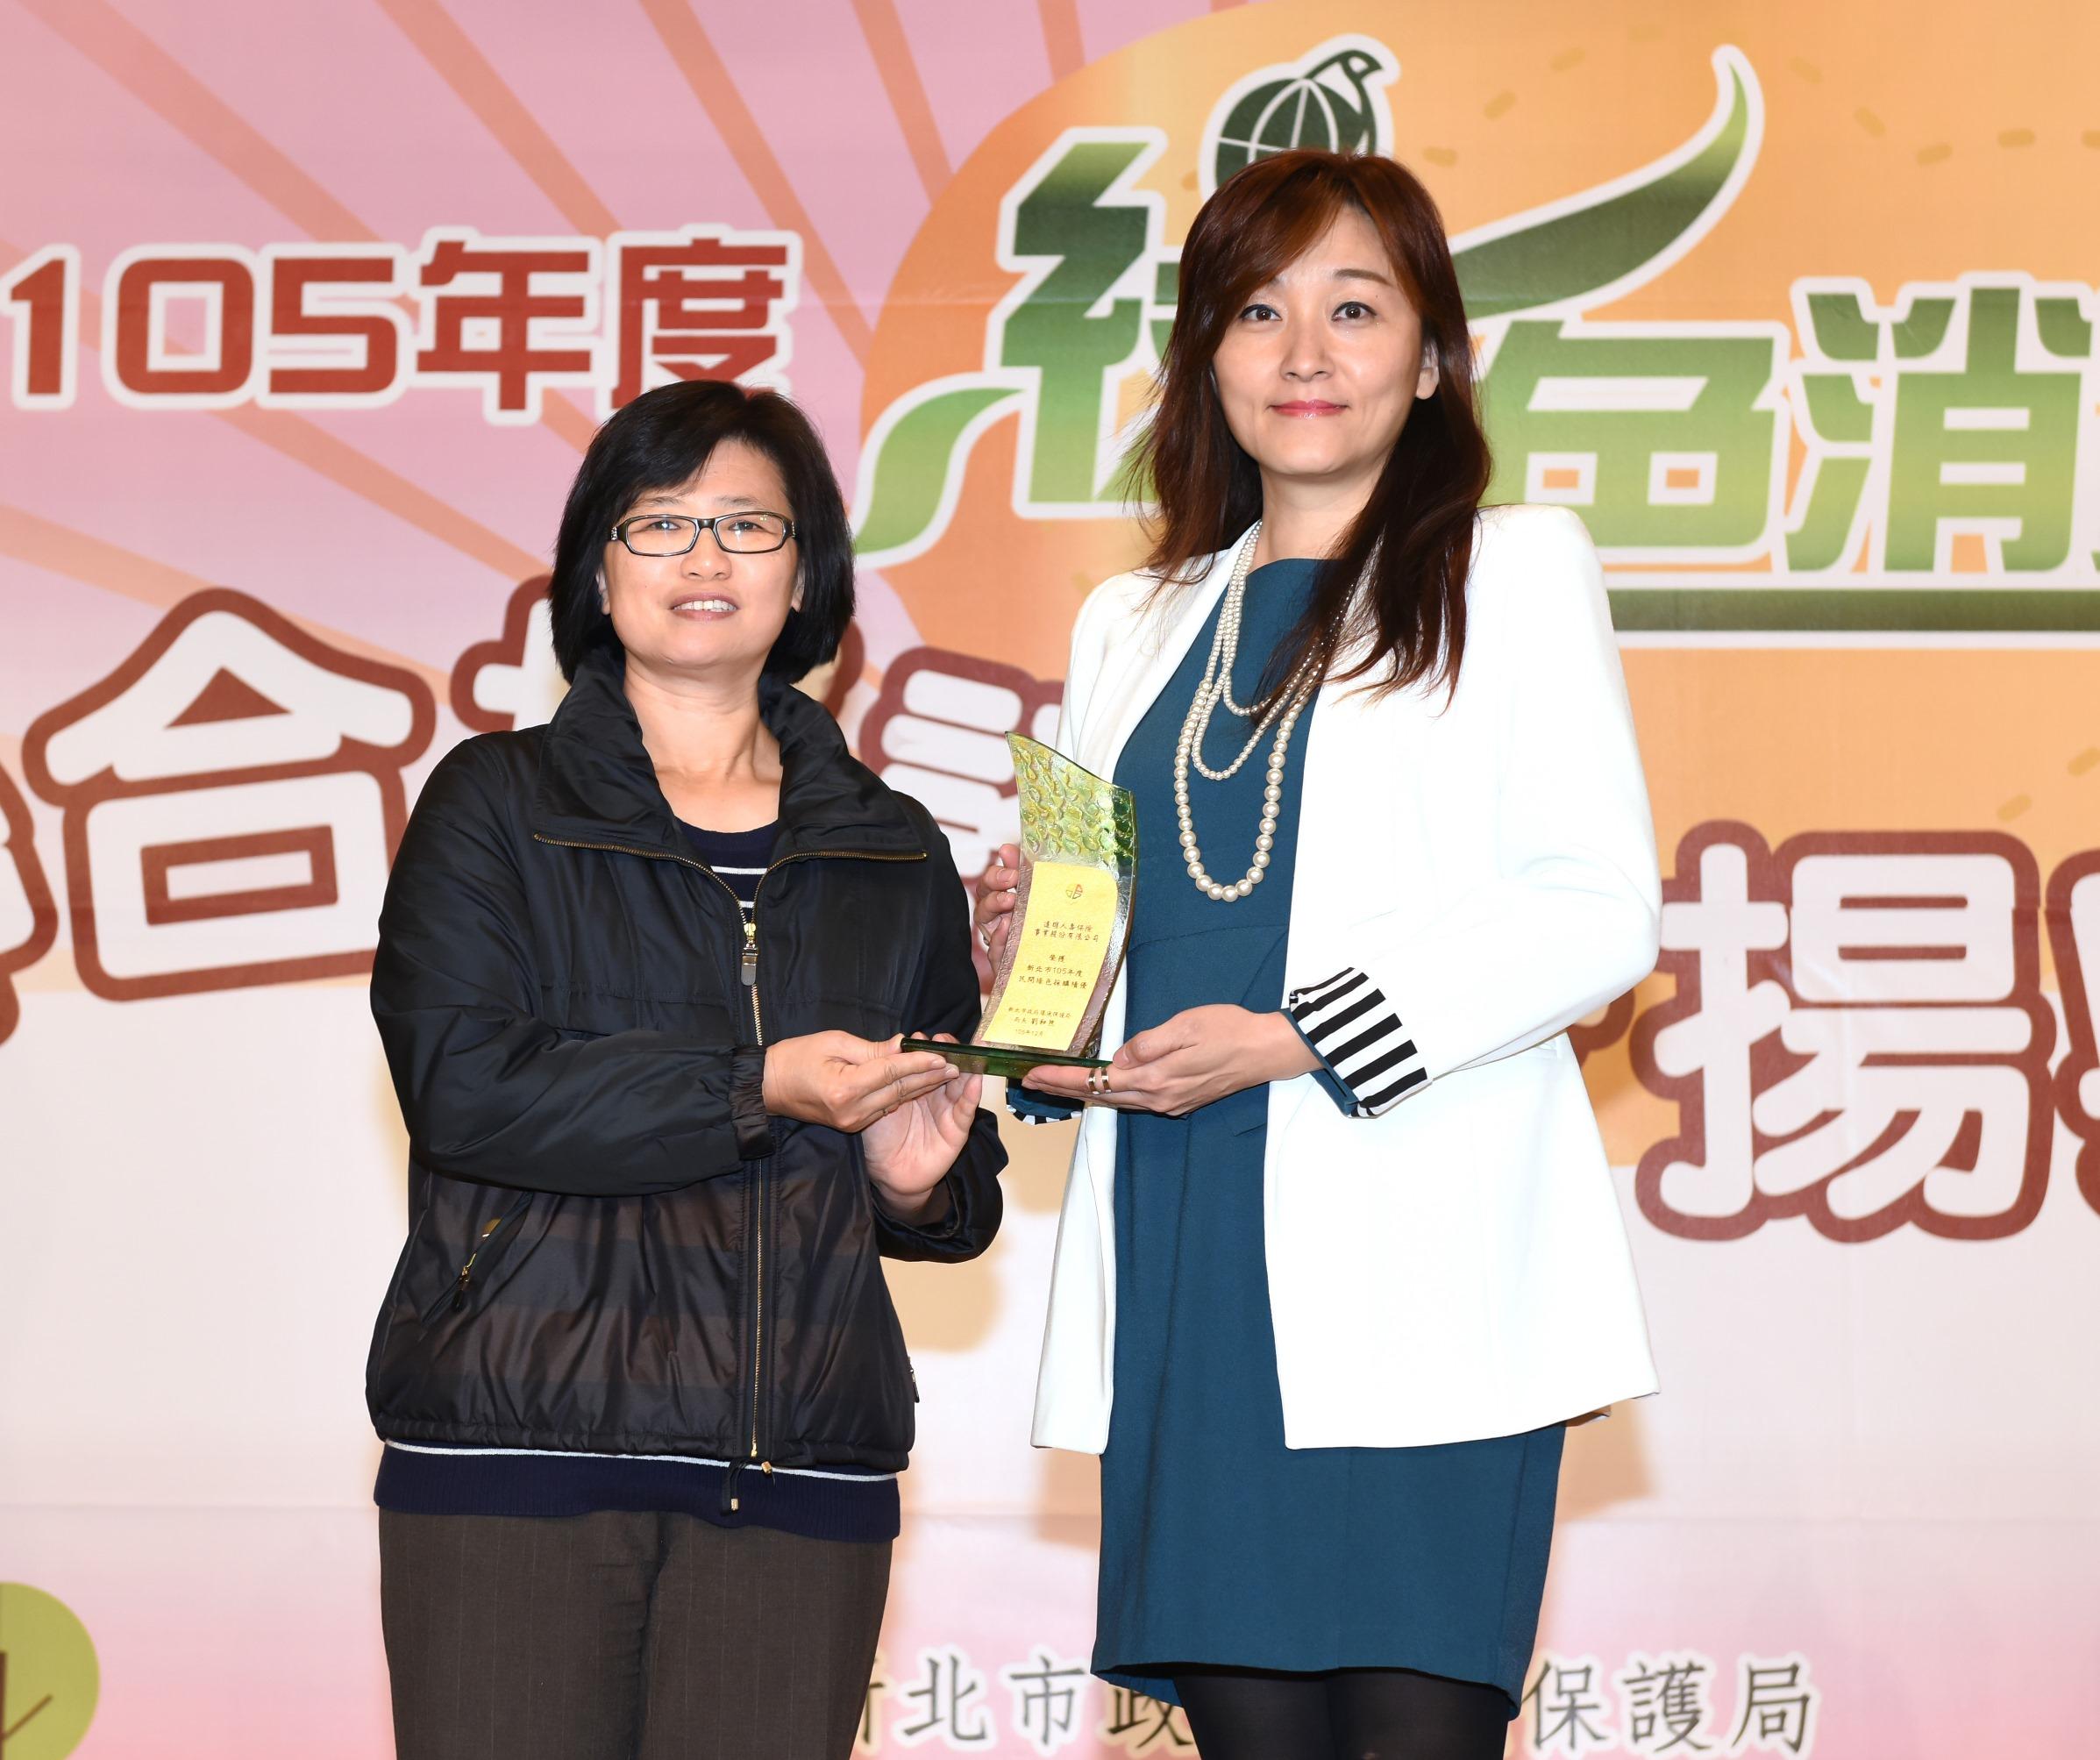 遠雄人壽獲頒「綠色績優企業」